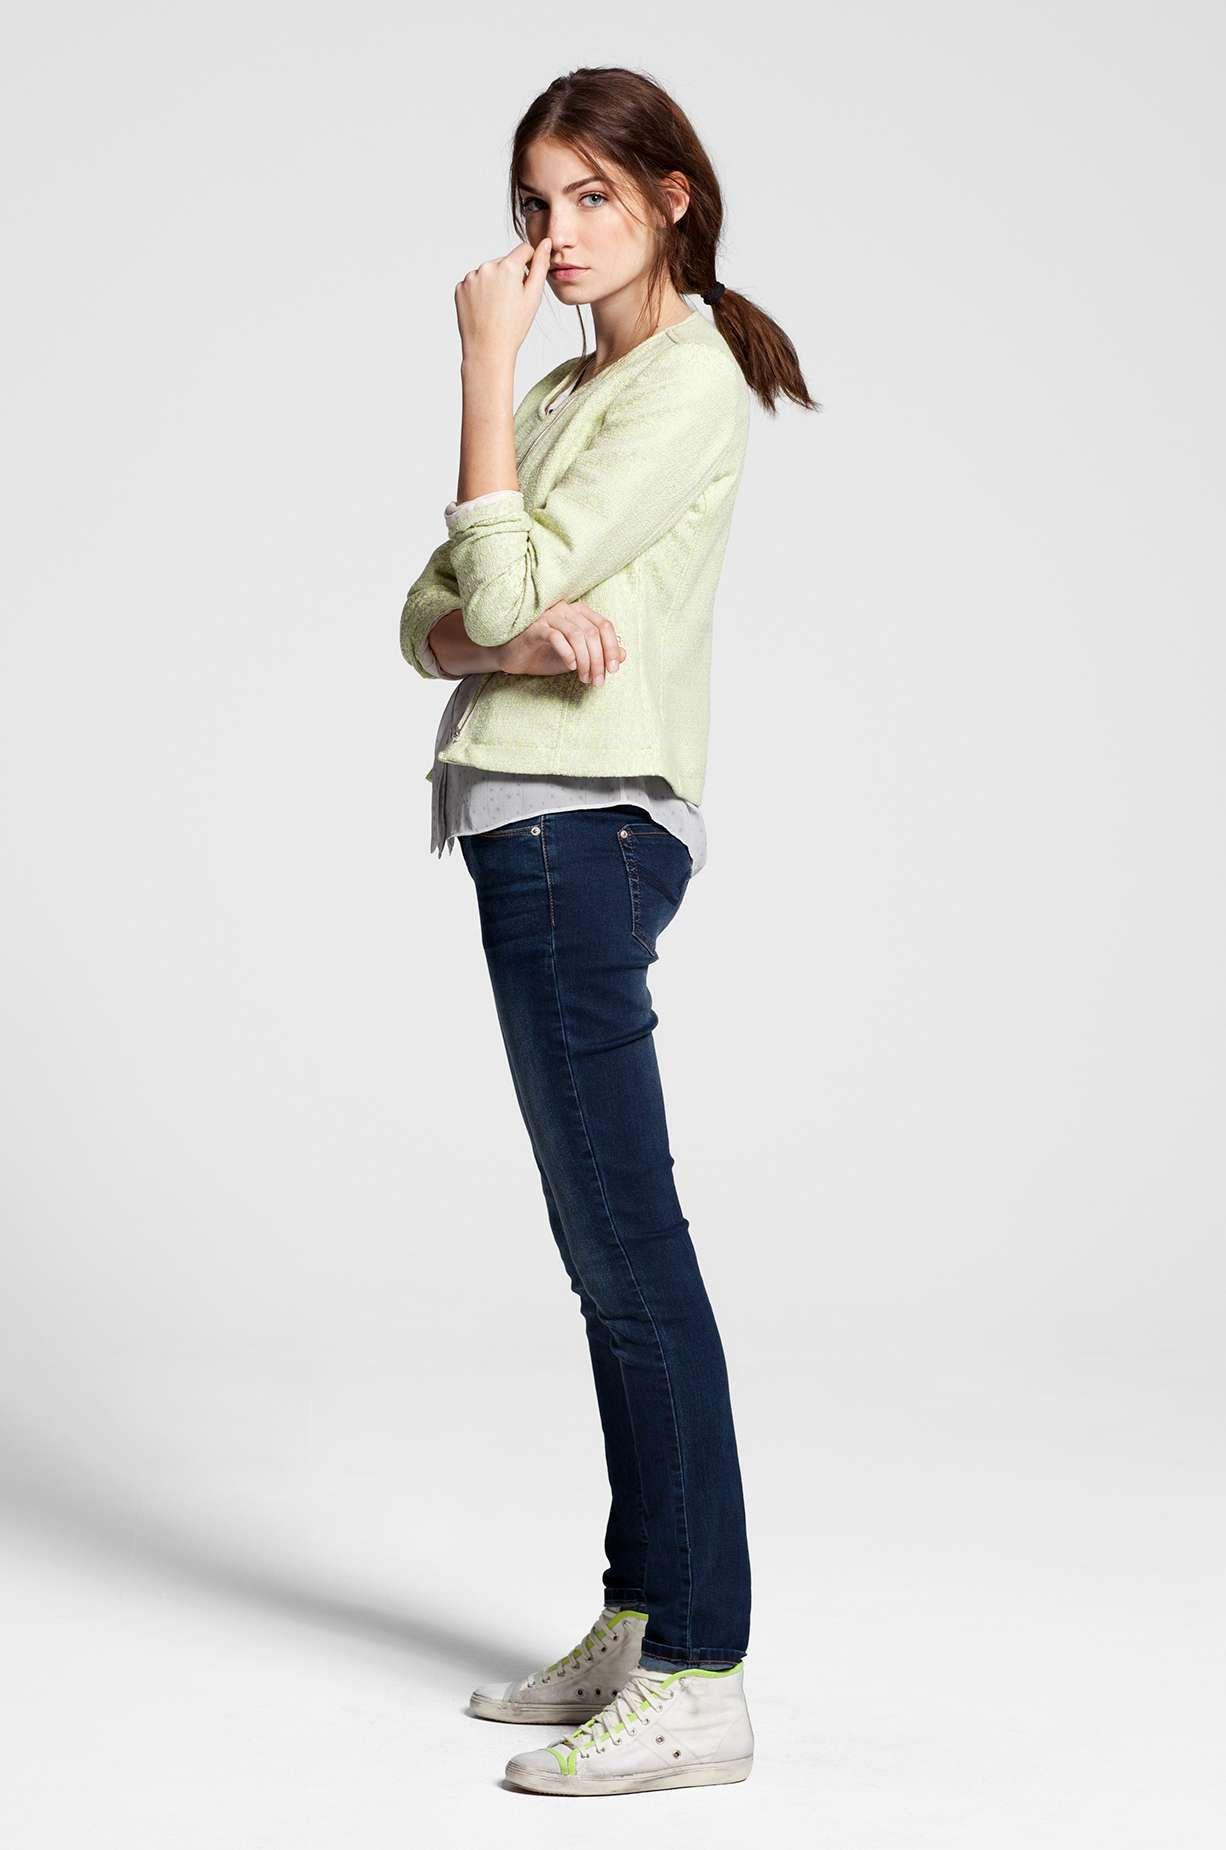 Jale Fleur  Kleidung Online Kaufen Modestil Kleidung Online